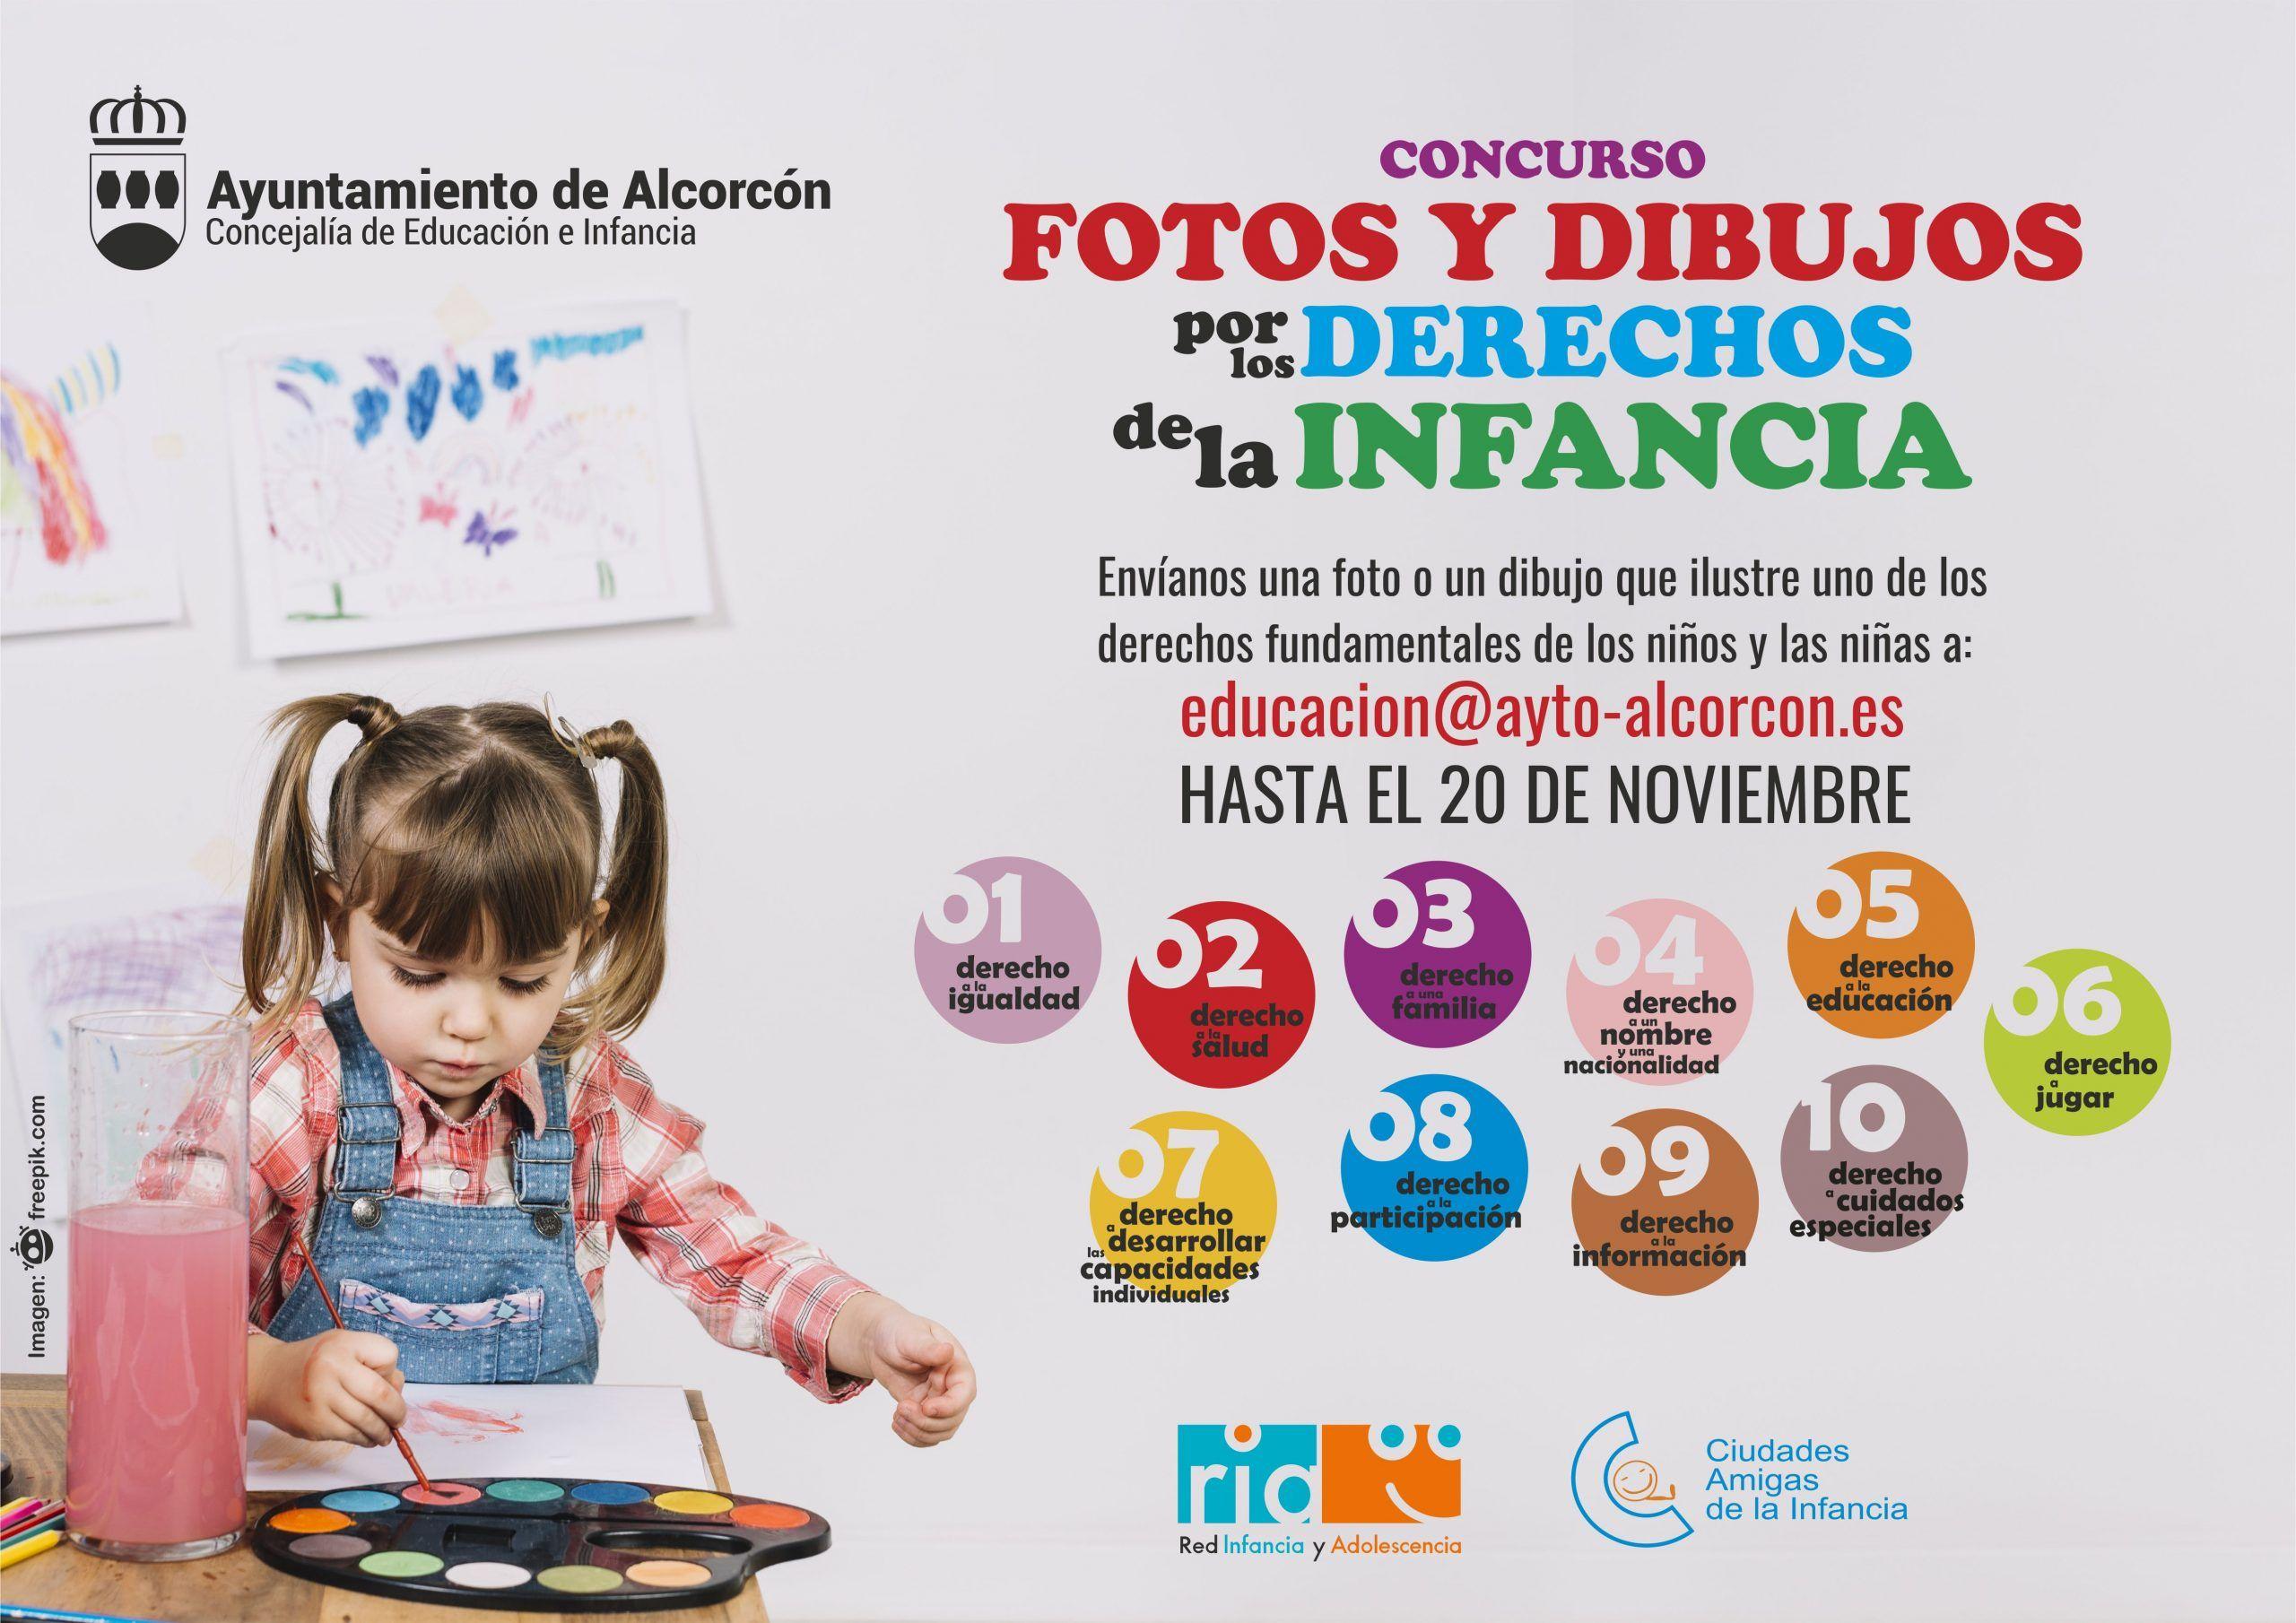 Dibujos por los derechos de la infancia en Alcorcón